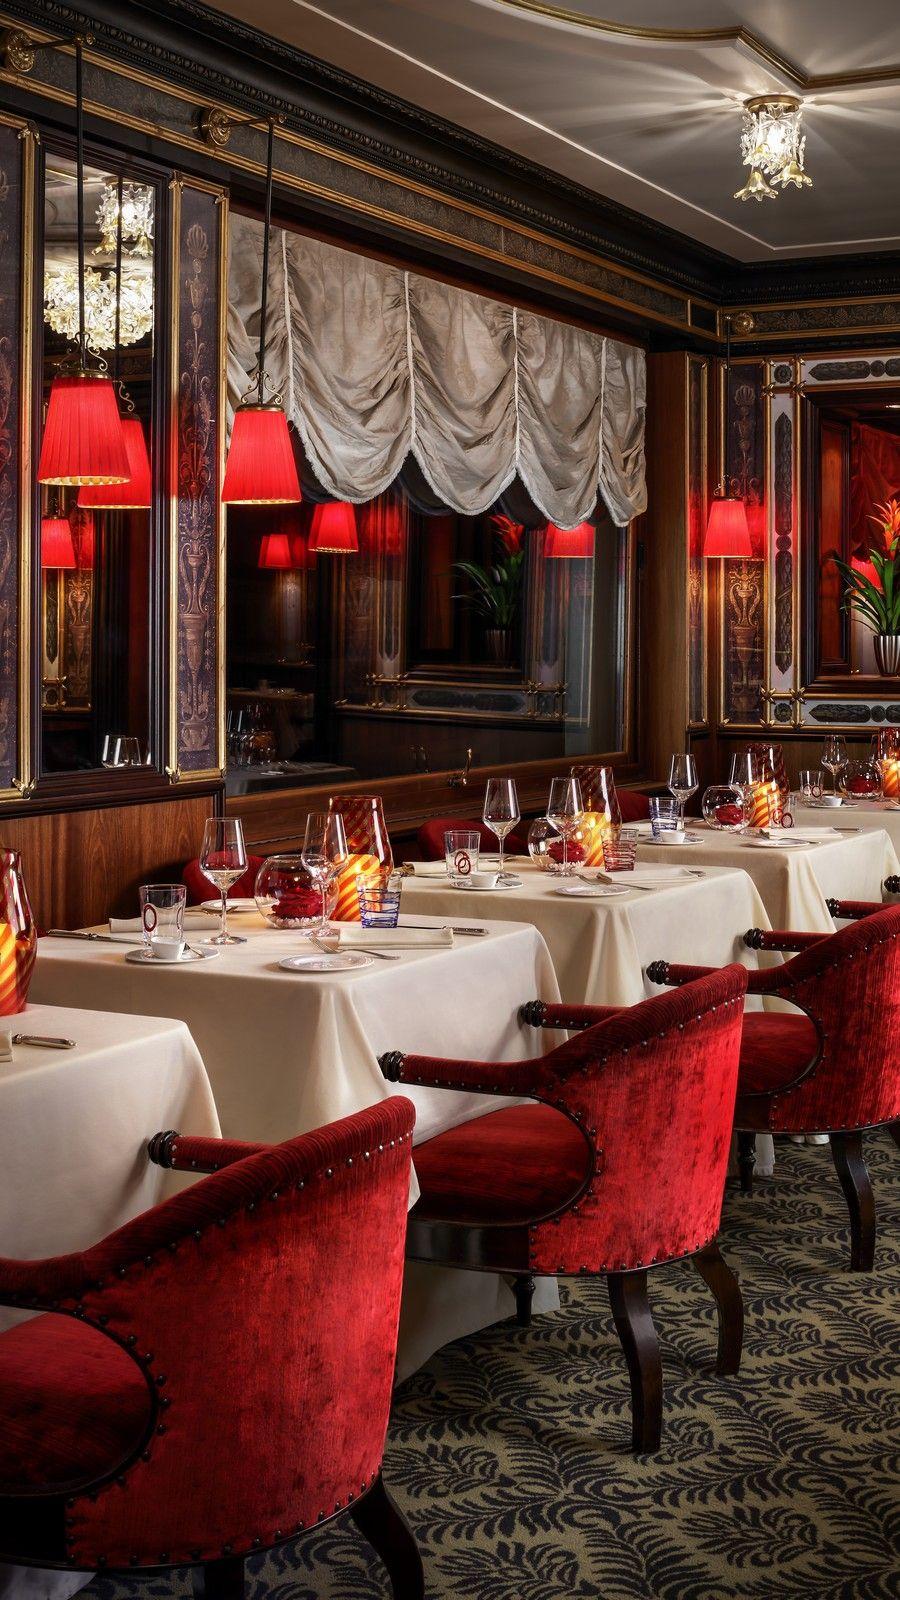 Restaurant Terrazza Danieli | Magical Venice | Pinterest | Restaurants